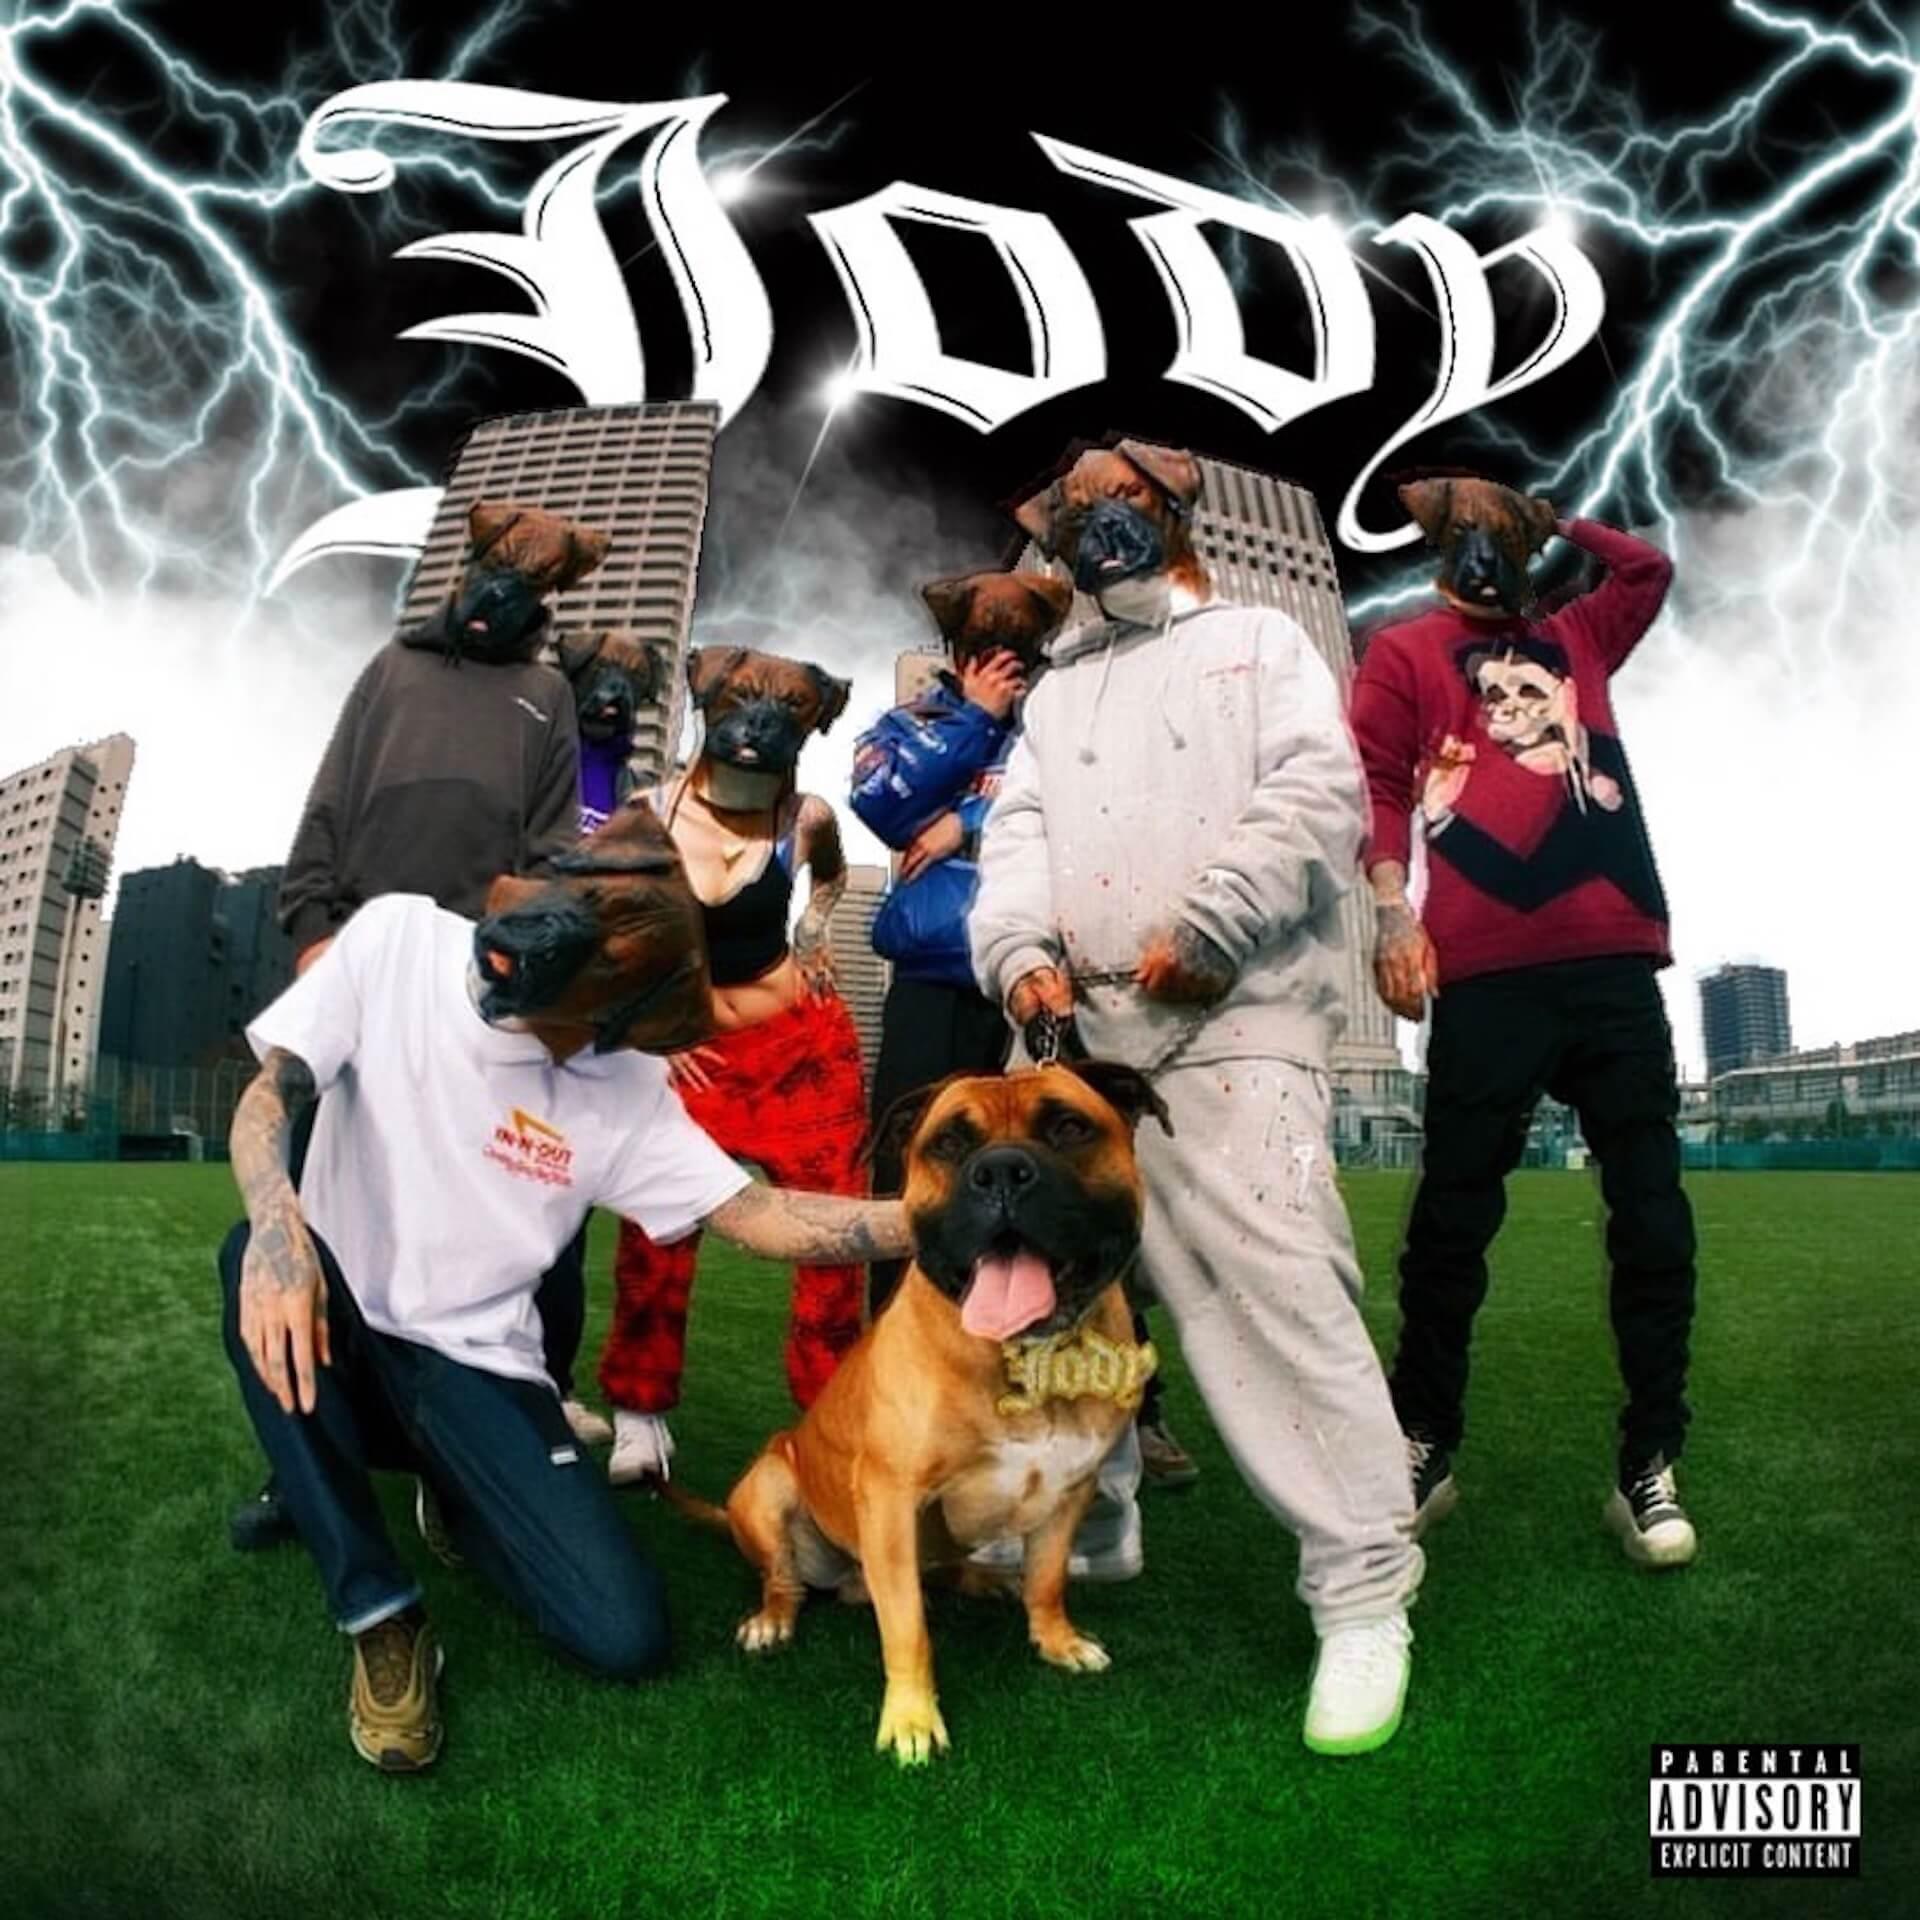 """謎のコレクティブ・JODYのコンピレーションアルバムが本日配信リリース!NENE、JNKMN、Ryugo Ishida参加の""""555""""のMVも公開 music210406_jody_2"""